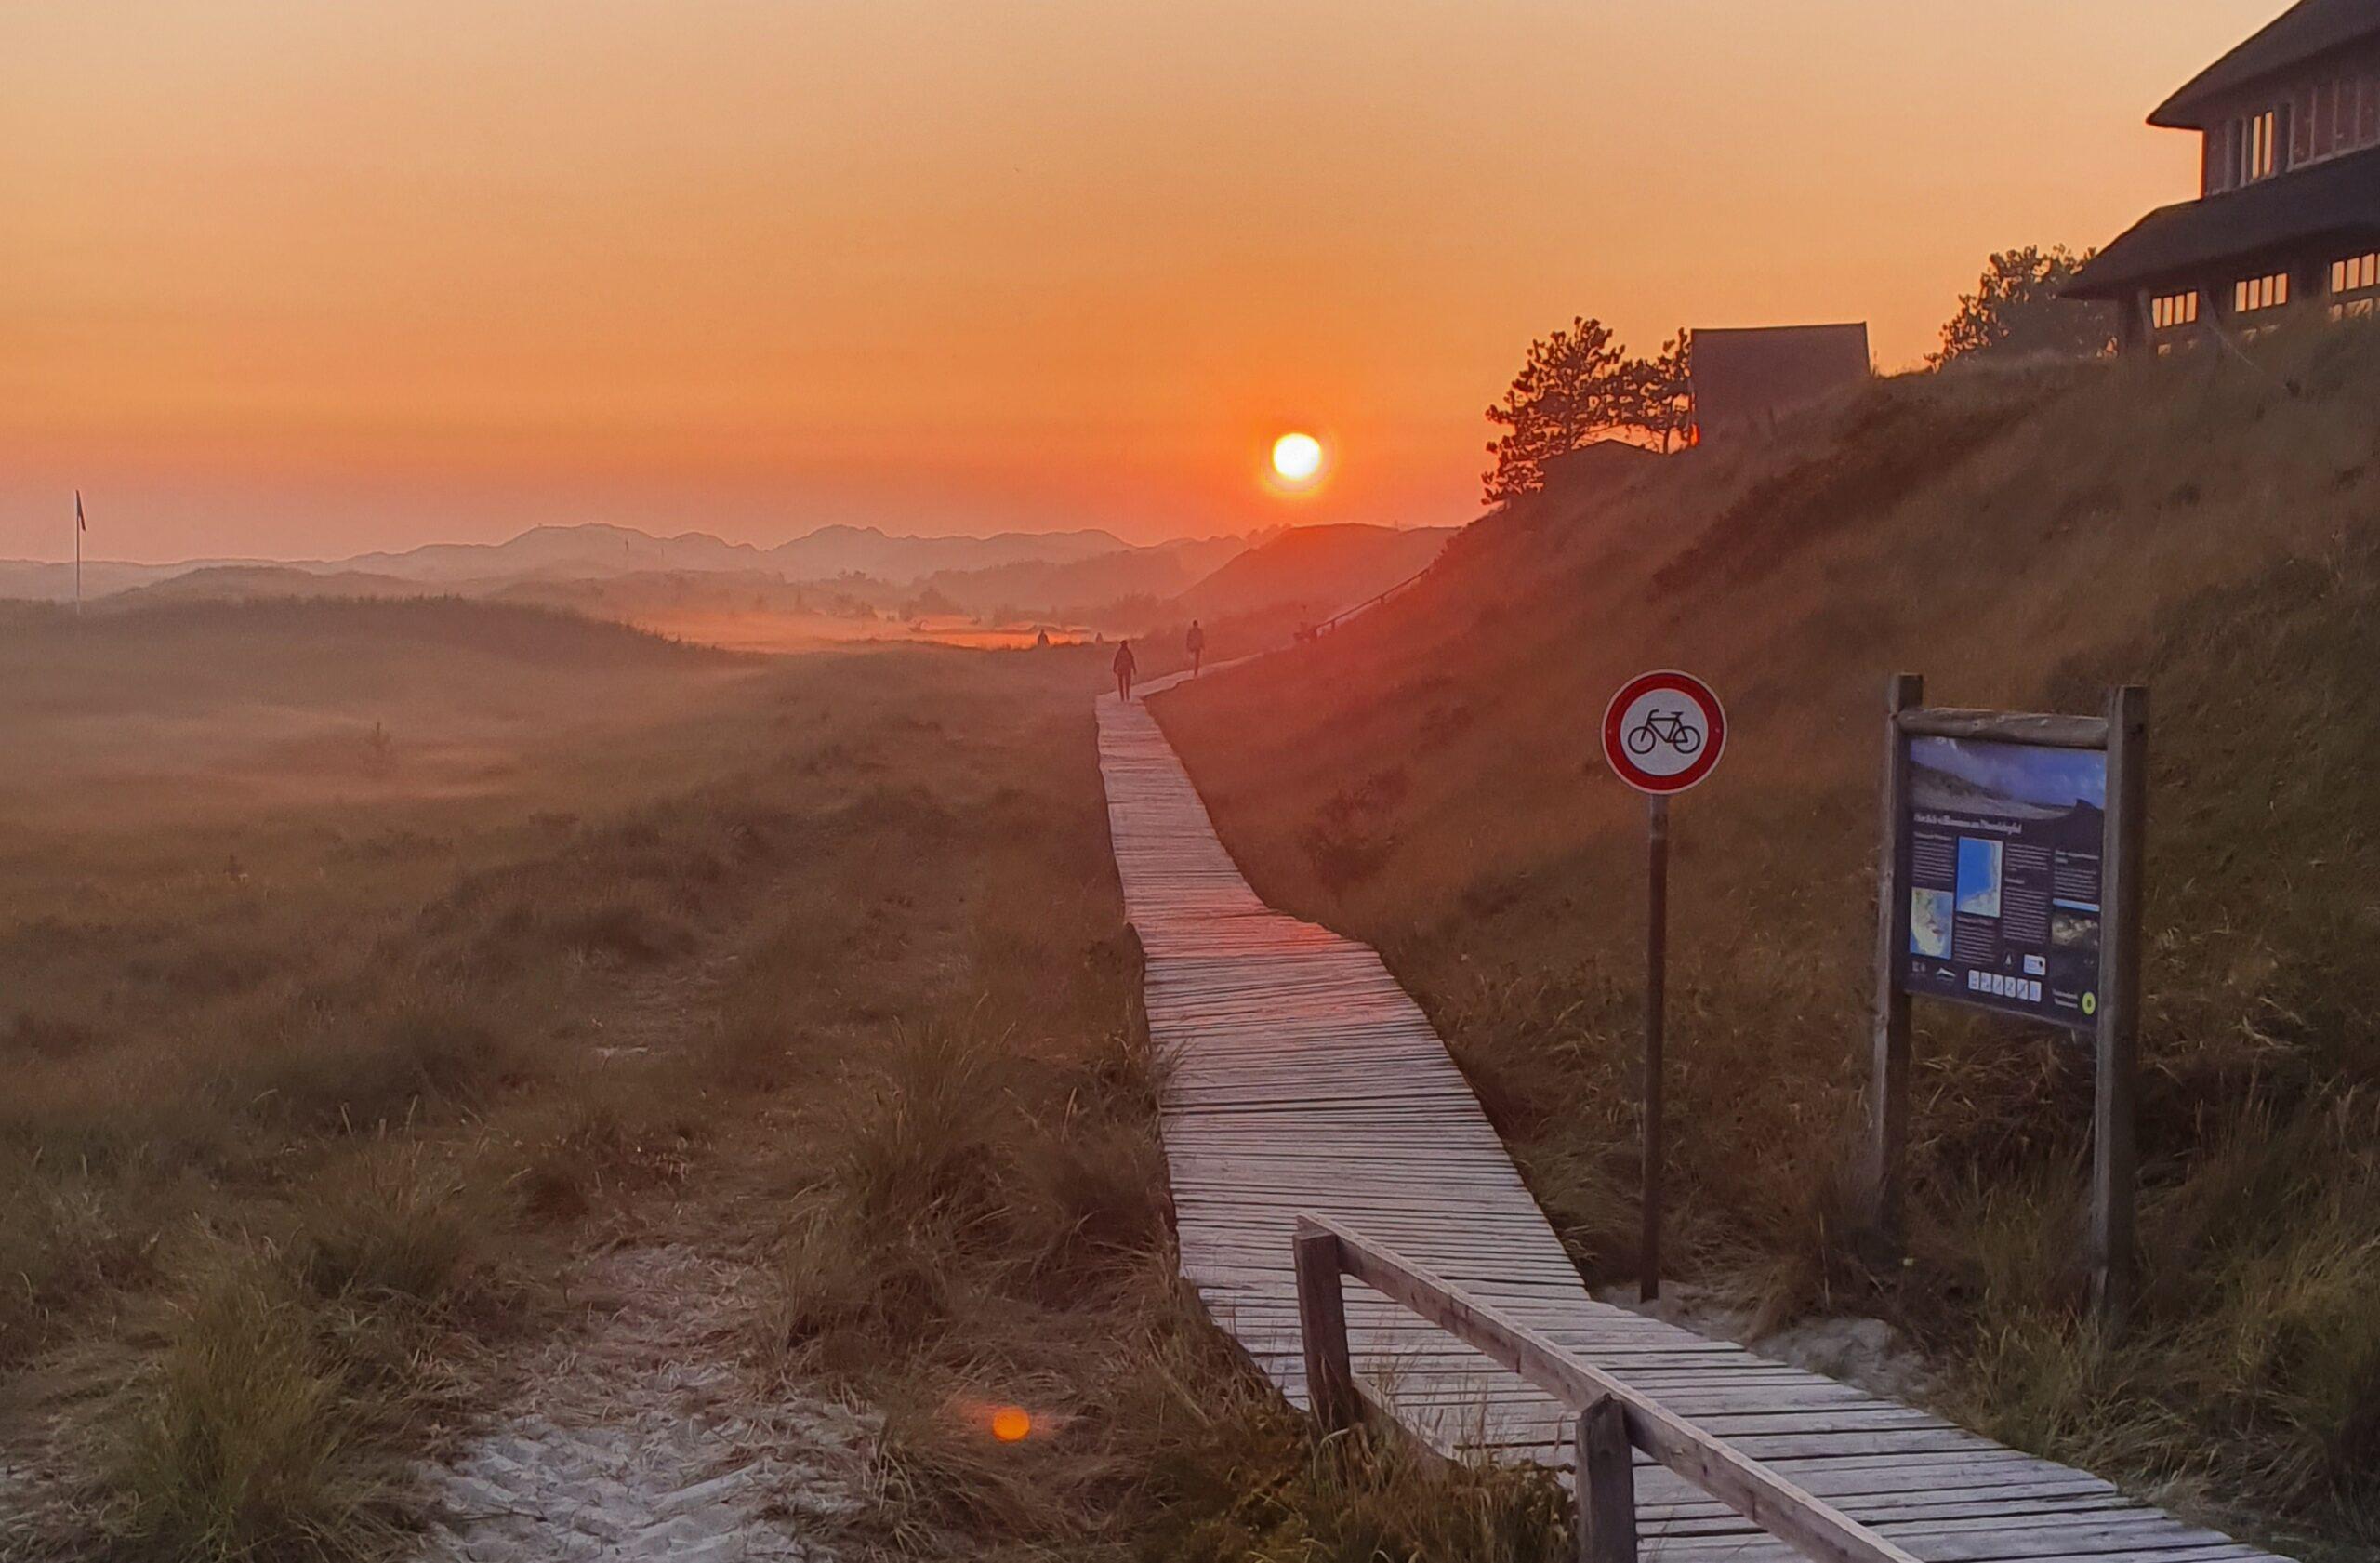 Der Weg zur Sonne